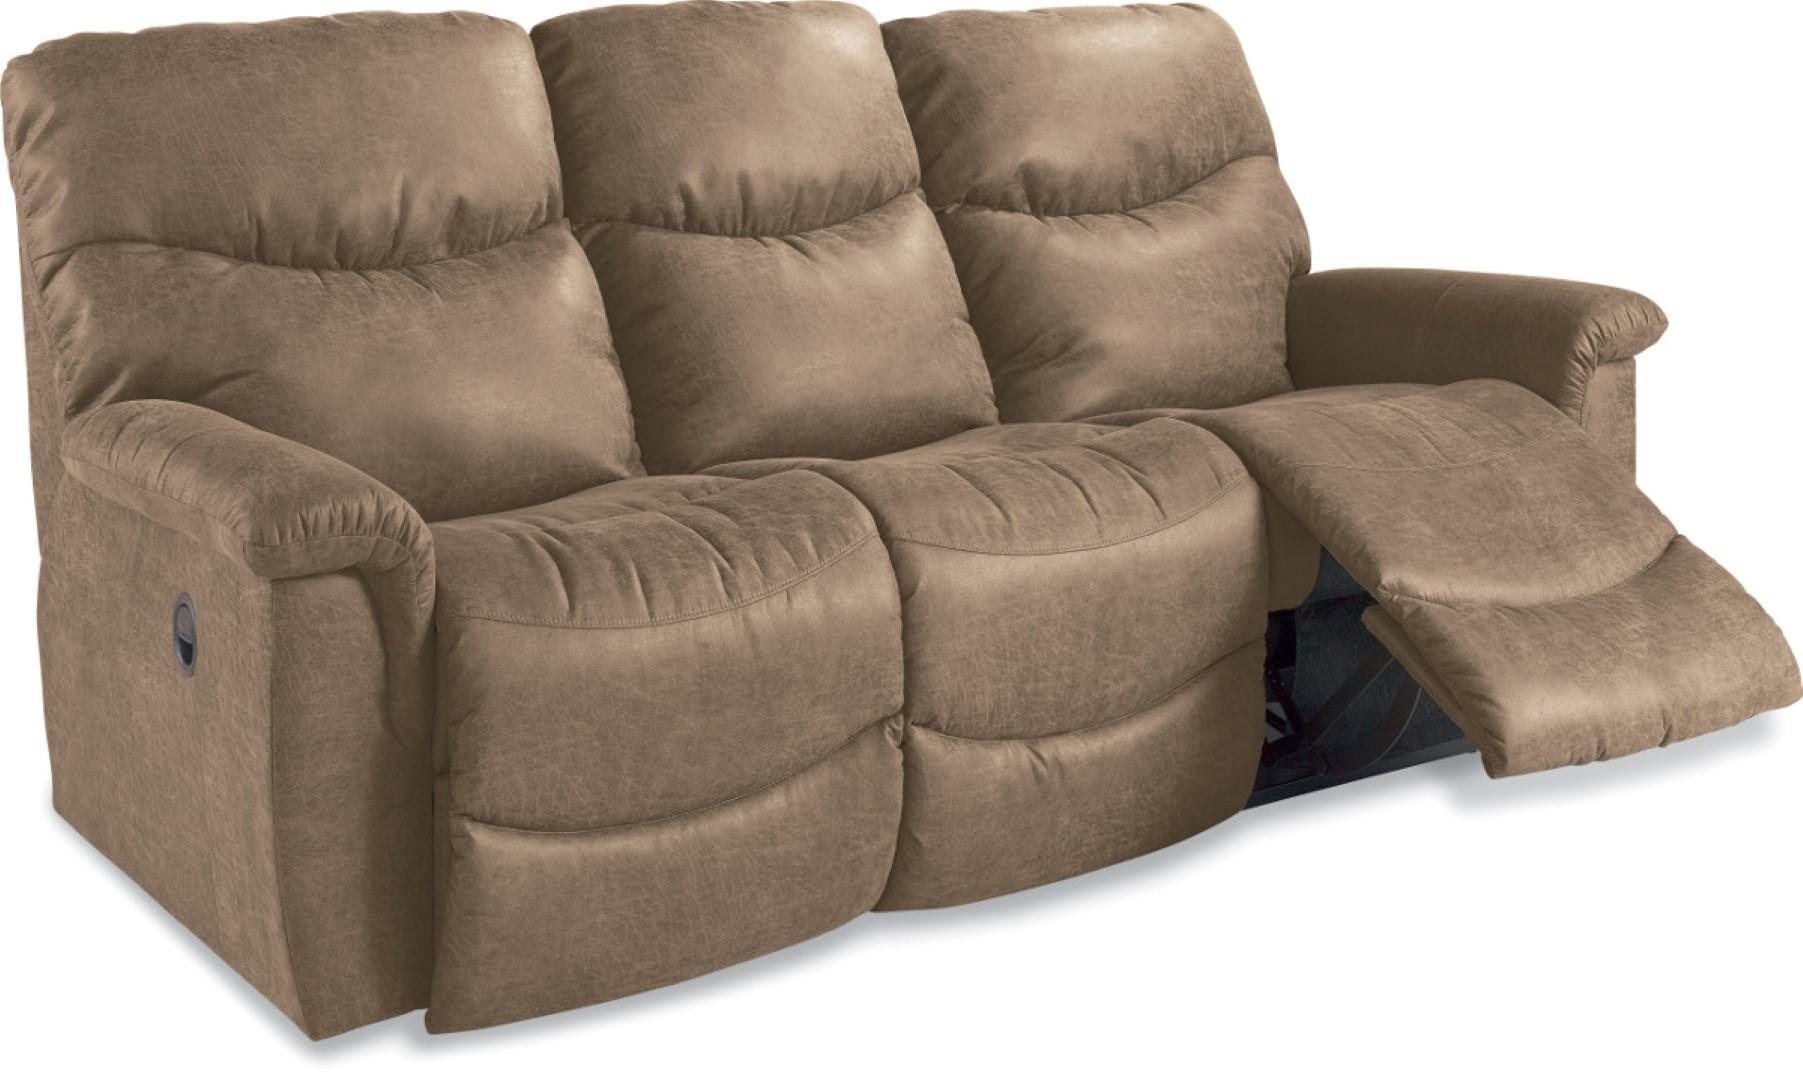 Sofas Center : Dreaded Lazy Boy Sofa Image Concept Lazboy William Regarding Lazy Boy Sofas (View 8 of 20)